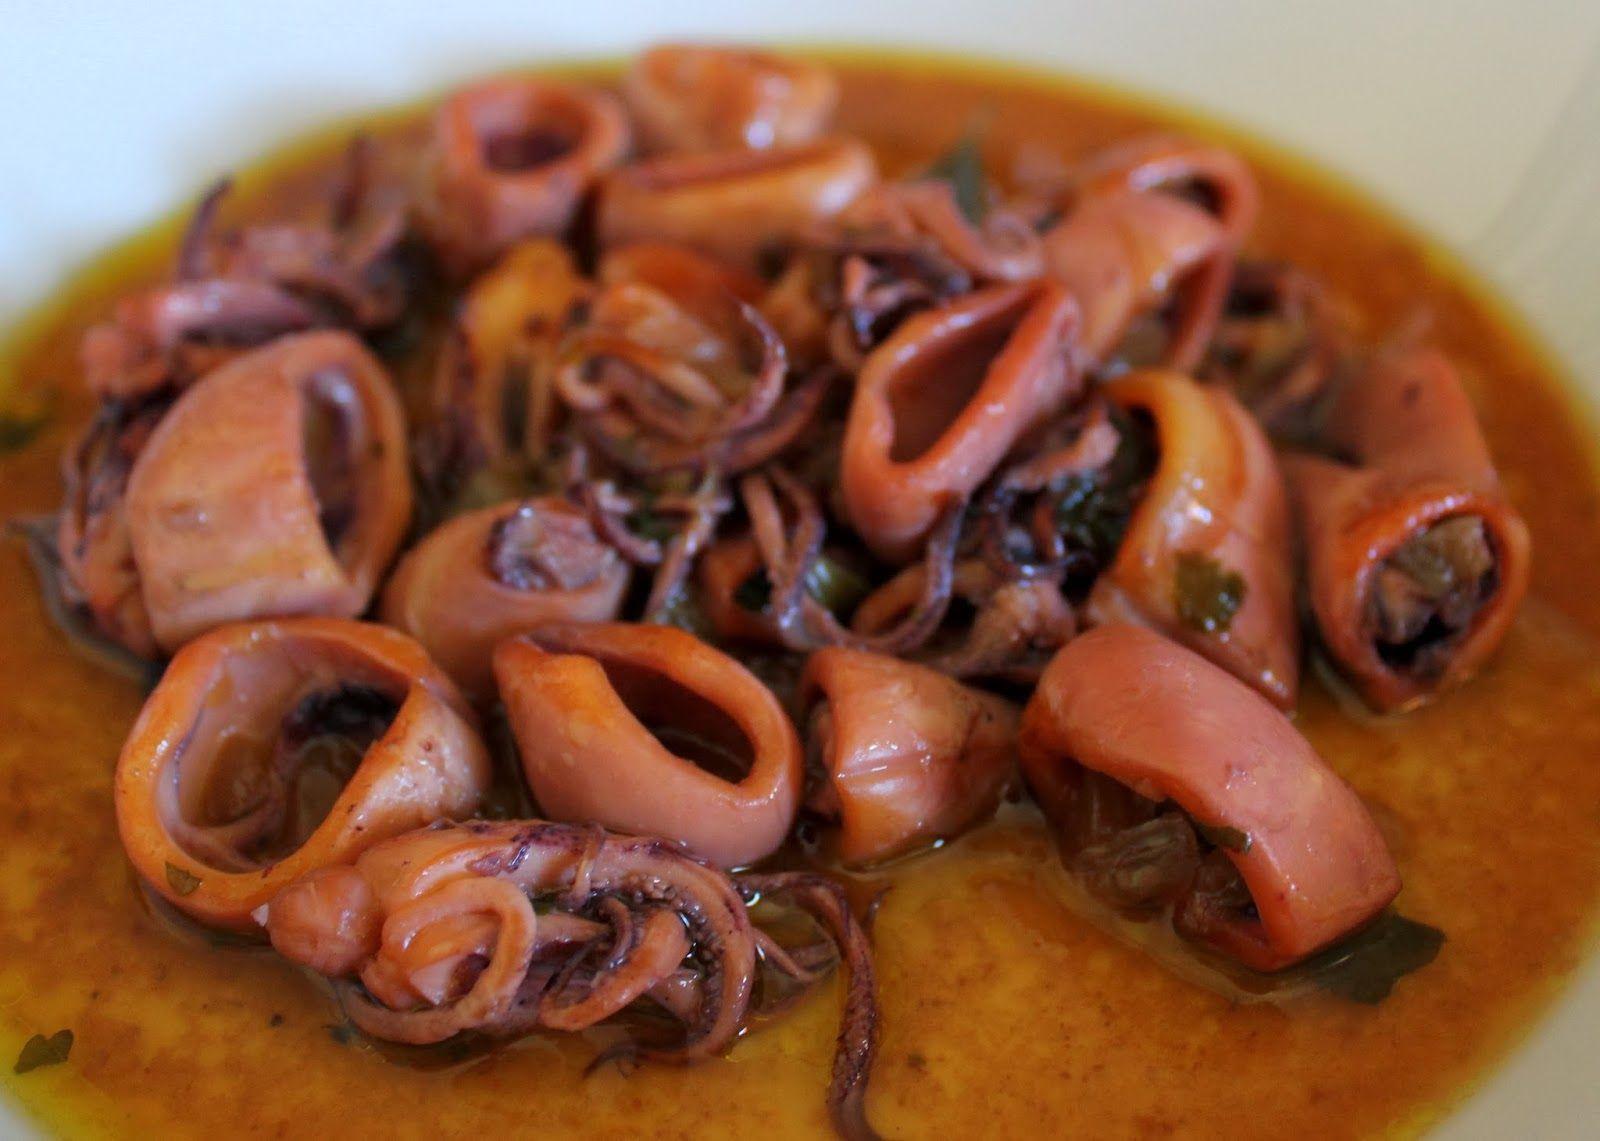 Asombroso Cocina Del País Menú Nh Newport Friso - Como Decorar la ...